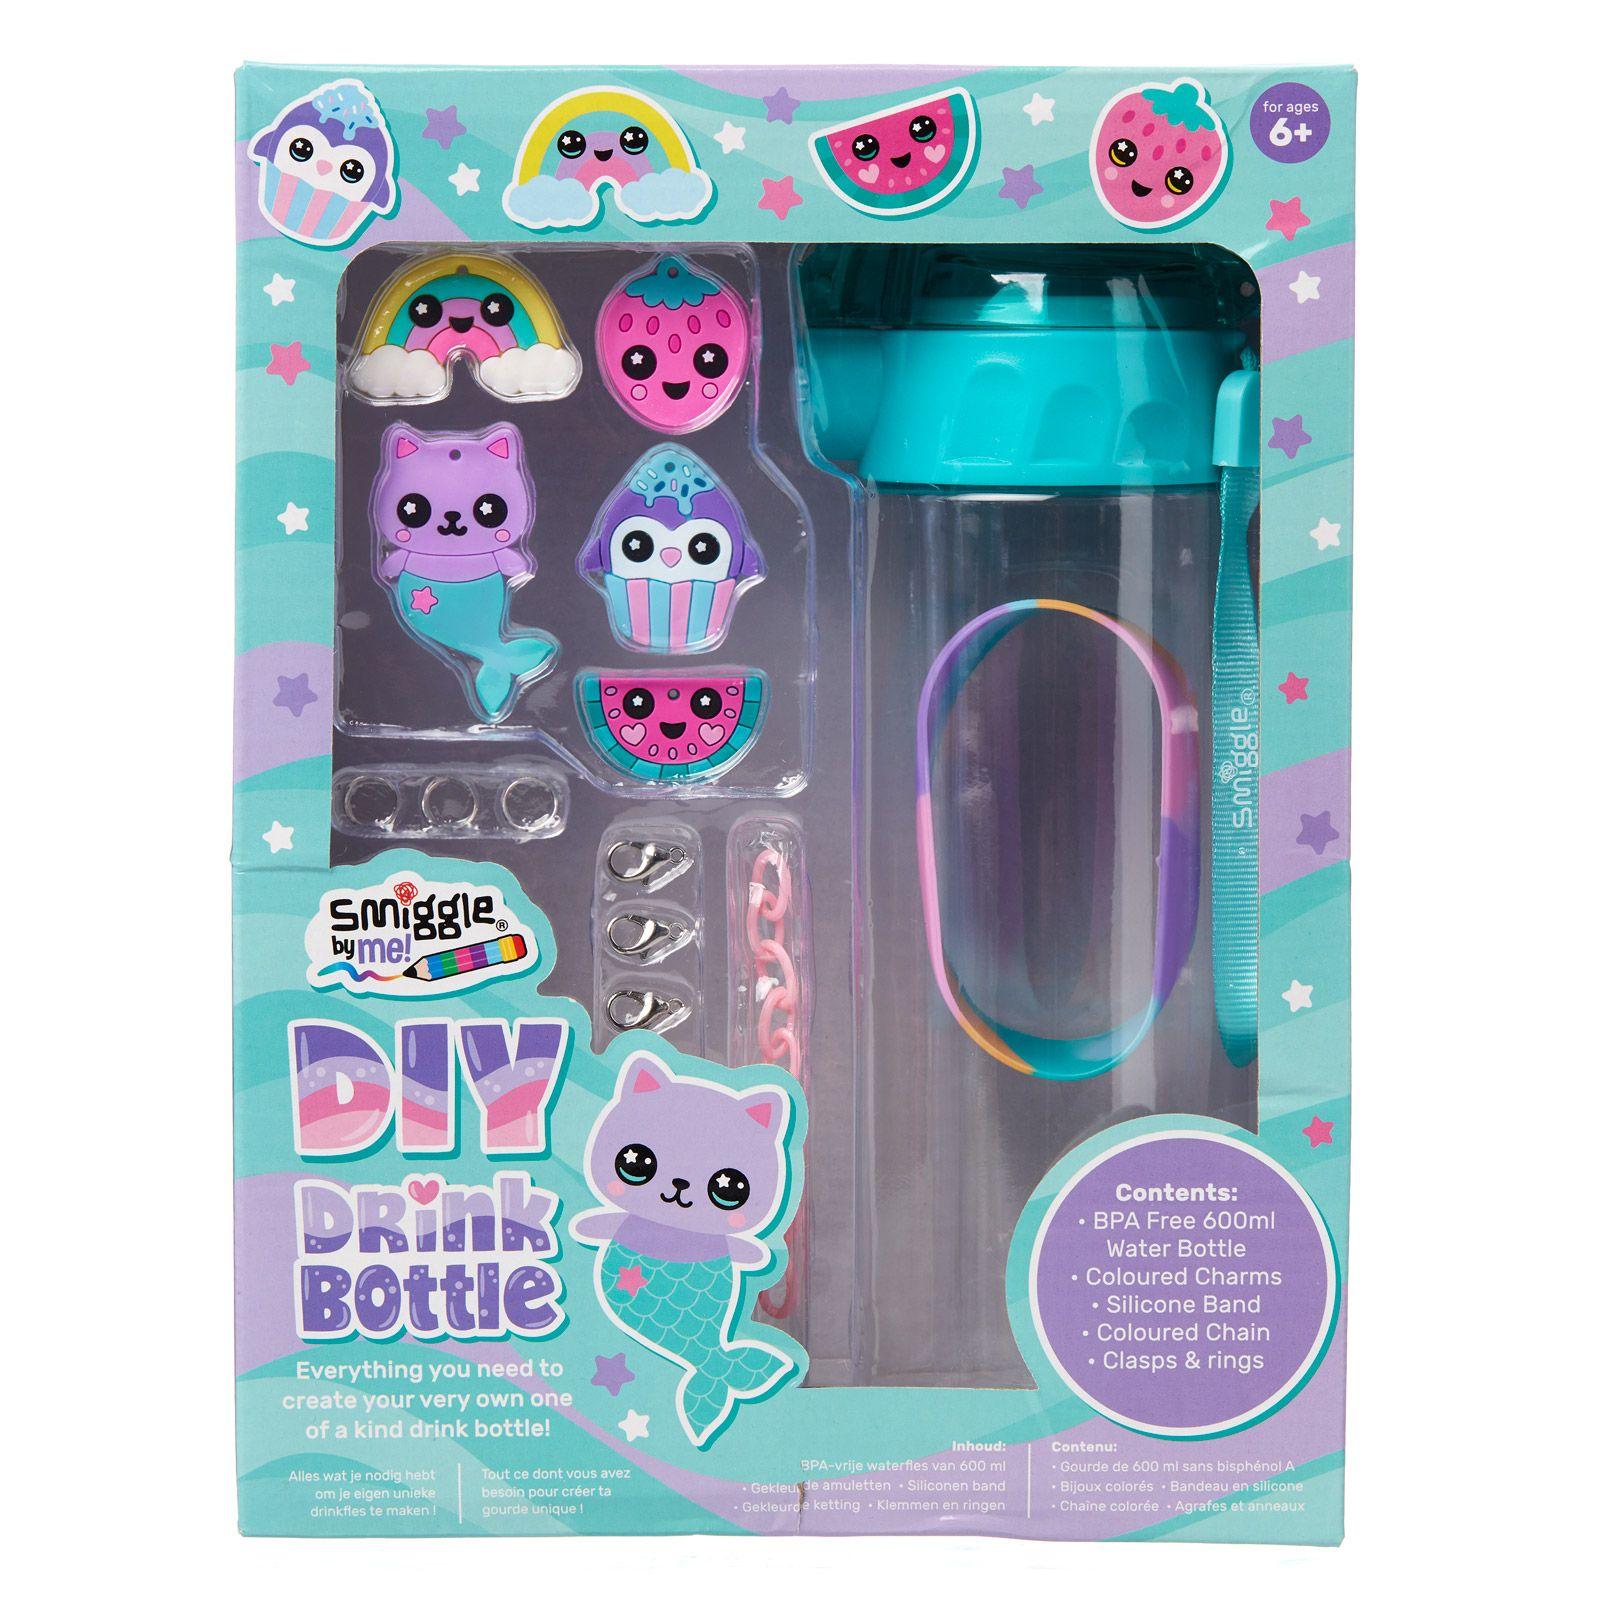 Diy Drink Bottle Kit Teal Smiggle Online Diy drinks